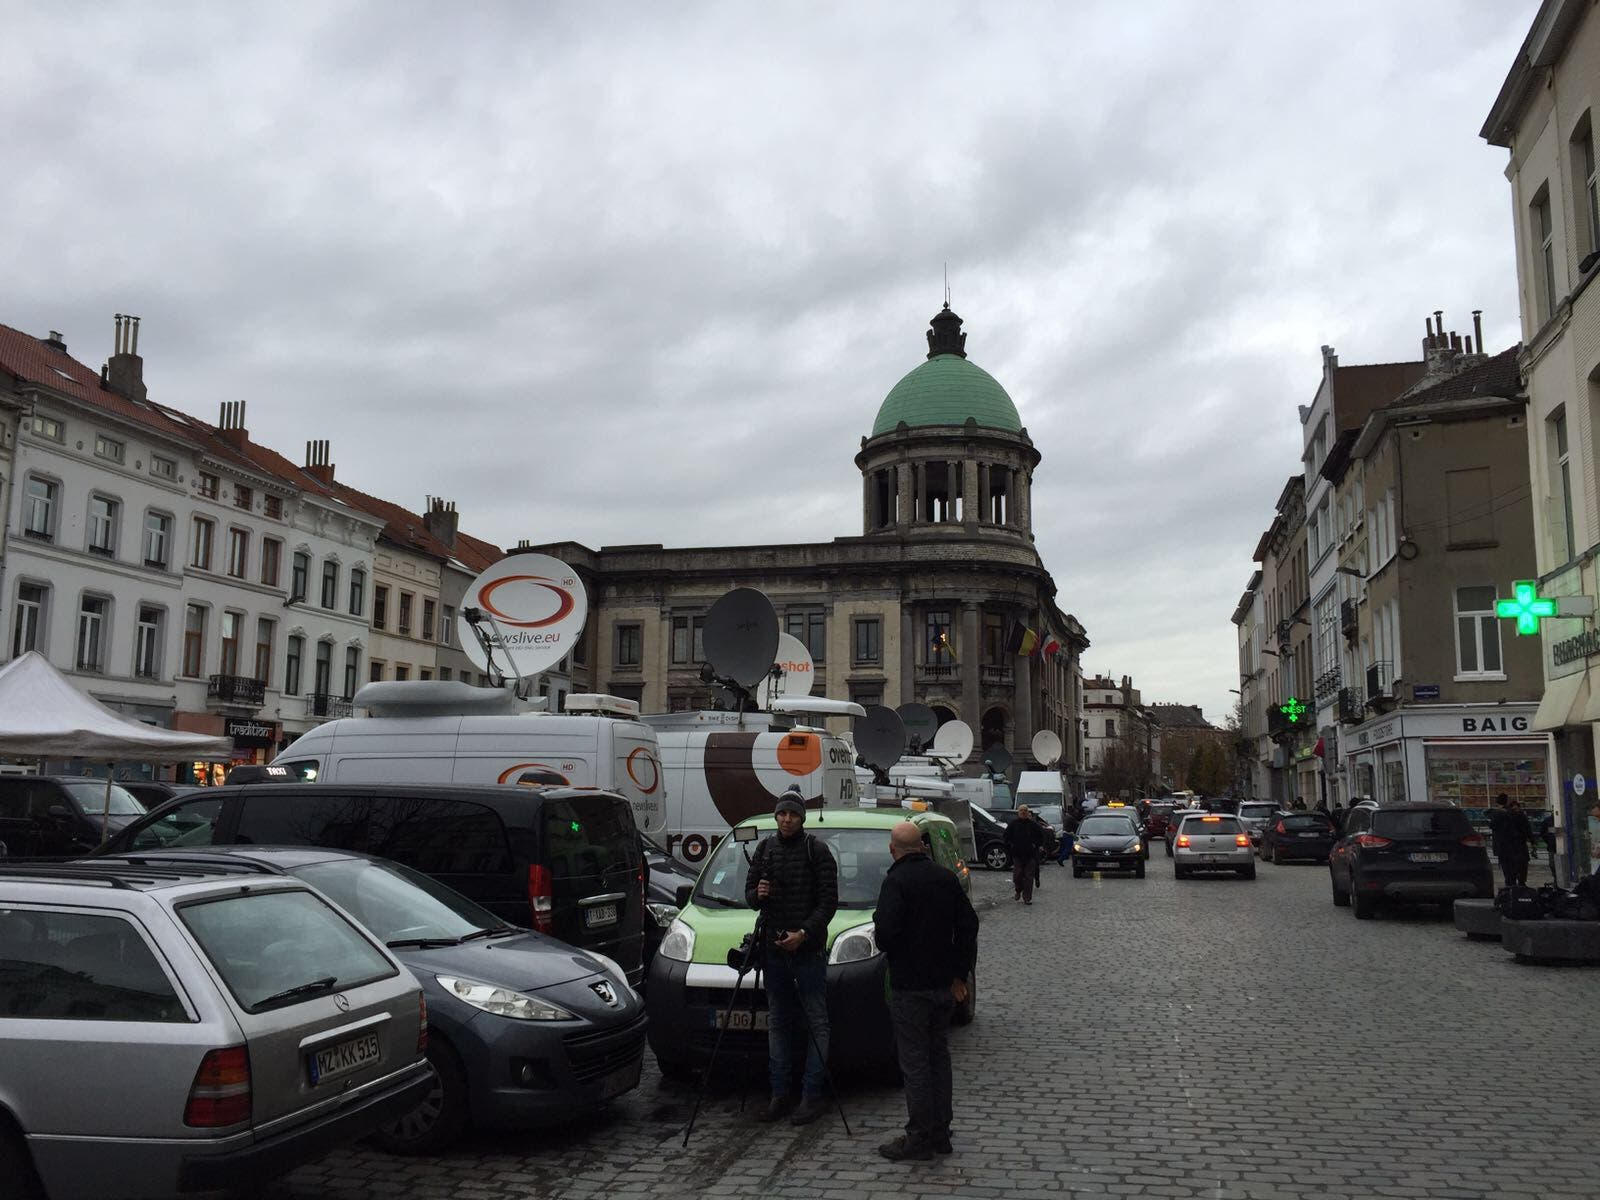 بلدية مولنبيك محط أنظار العالم بعد اعتداءات باريس في نوفمبر 2015